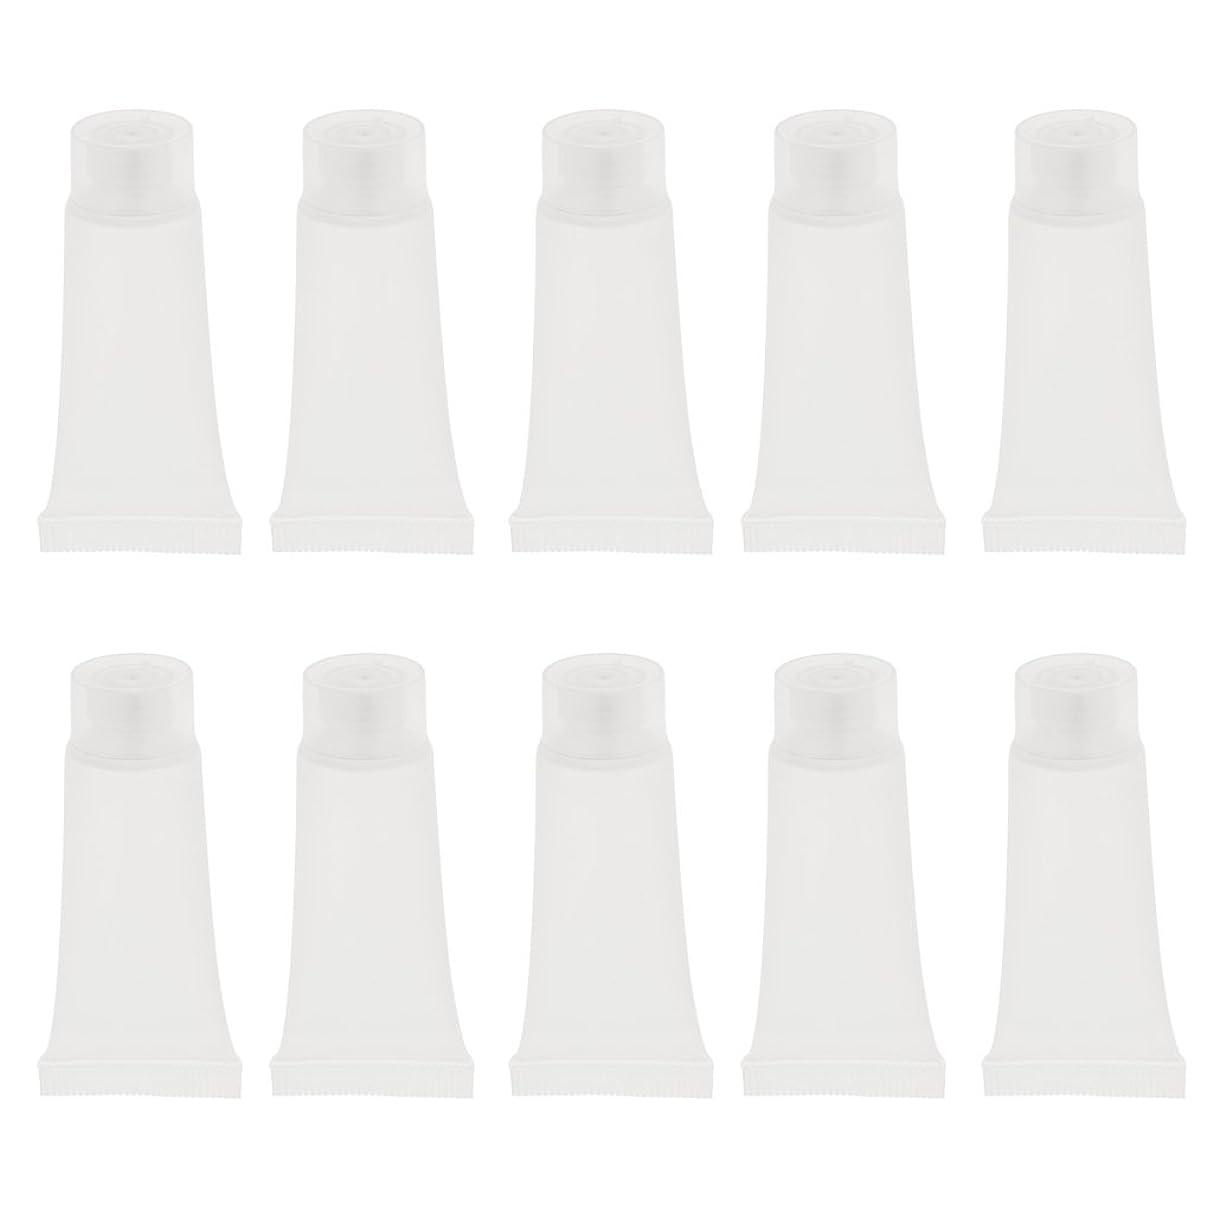 バンクダンス植物学DYNWAVE クリームチューブ 空チューブ コスメ用詰替え容器 日焼け止め 持ち運び 簡単 約20個入り